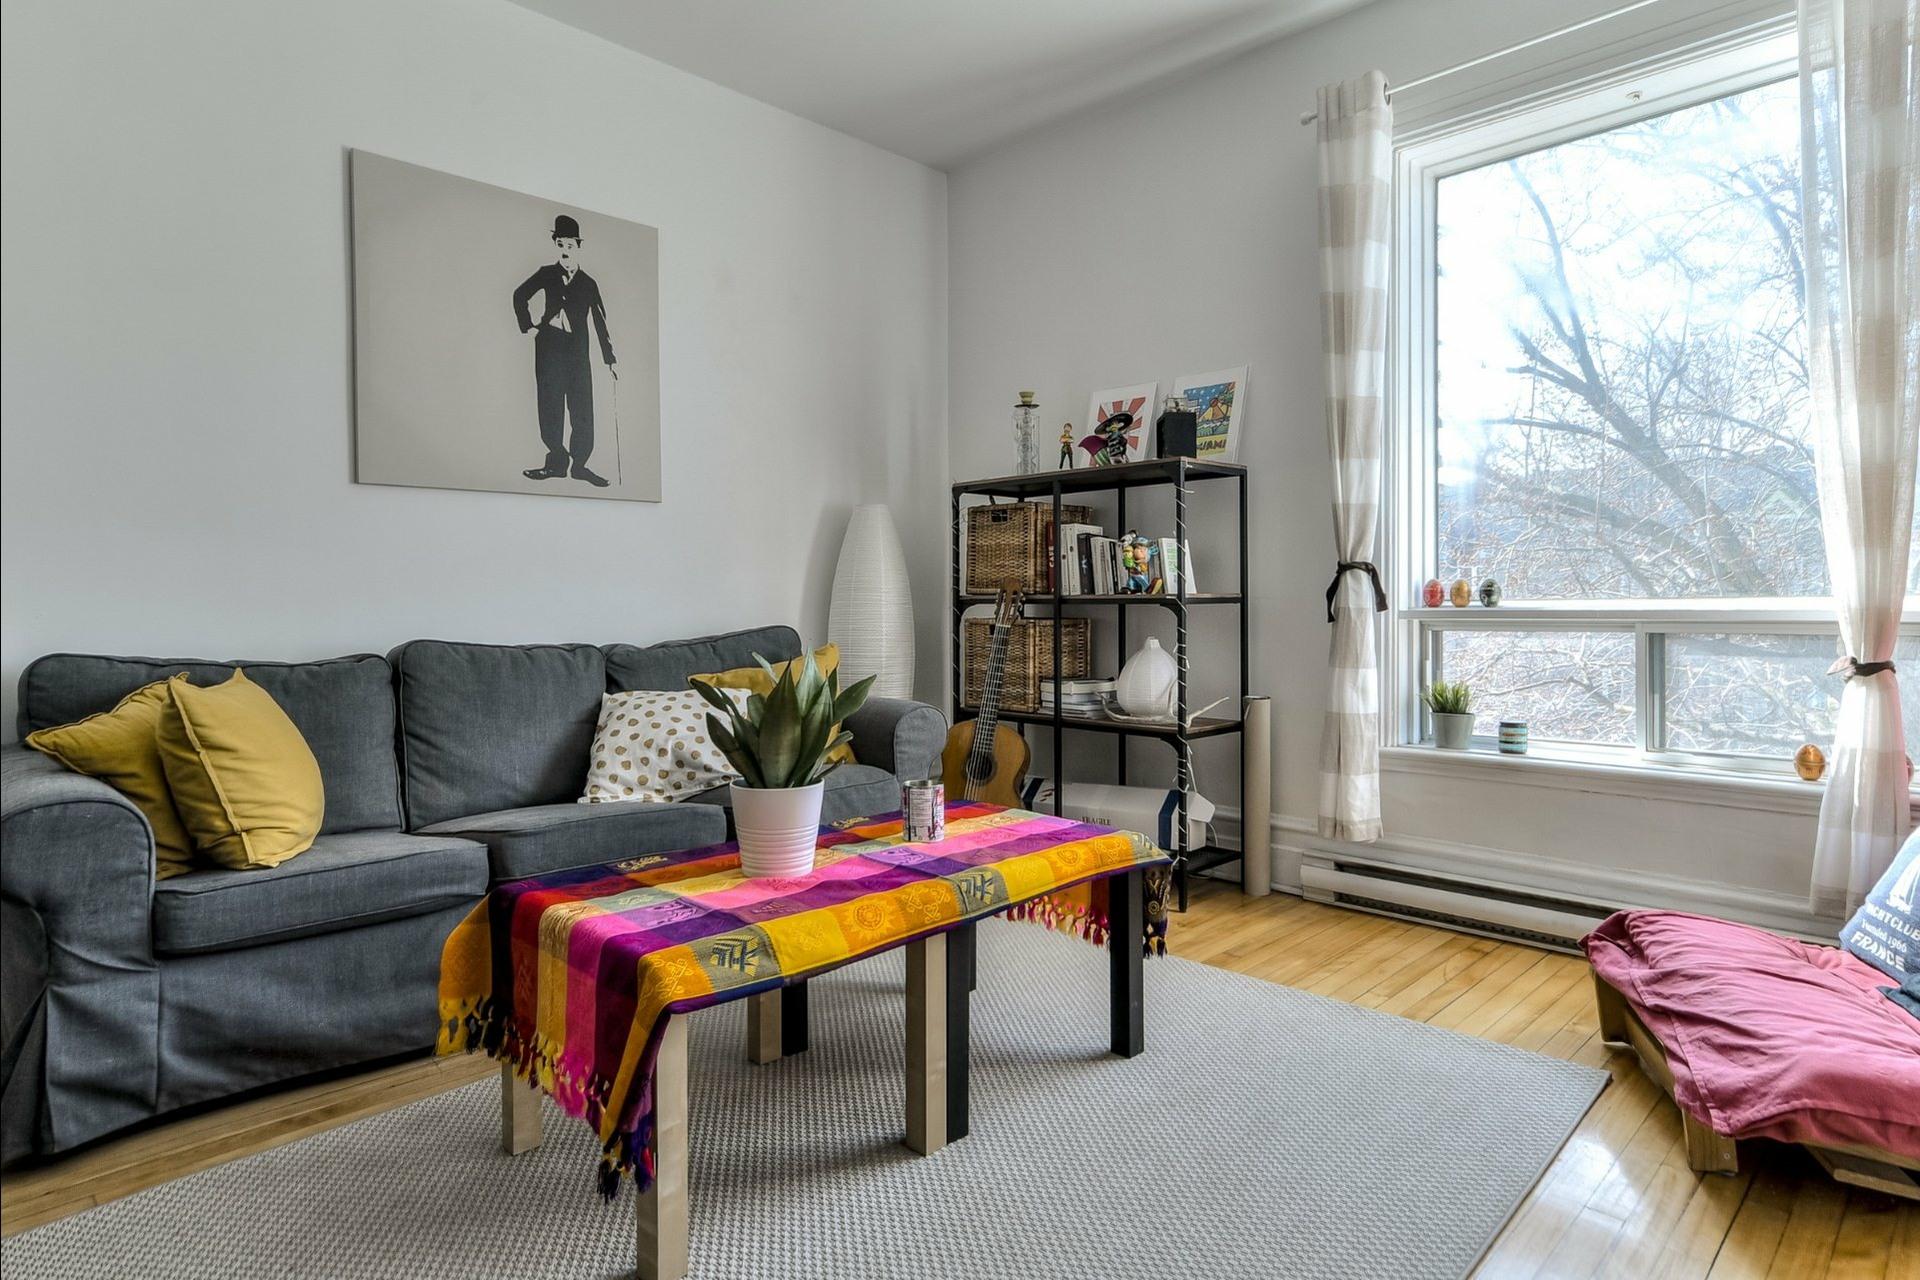 image 19 - Triplex À vendre Montréal Le Plateau-Mont-Royal  - 5 pièces